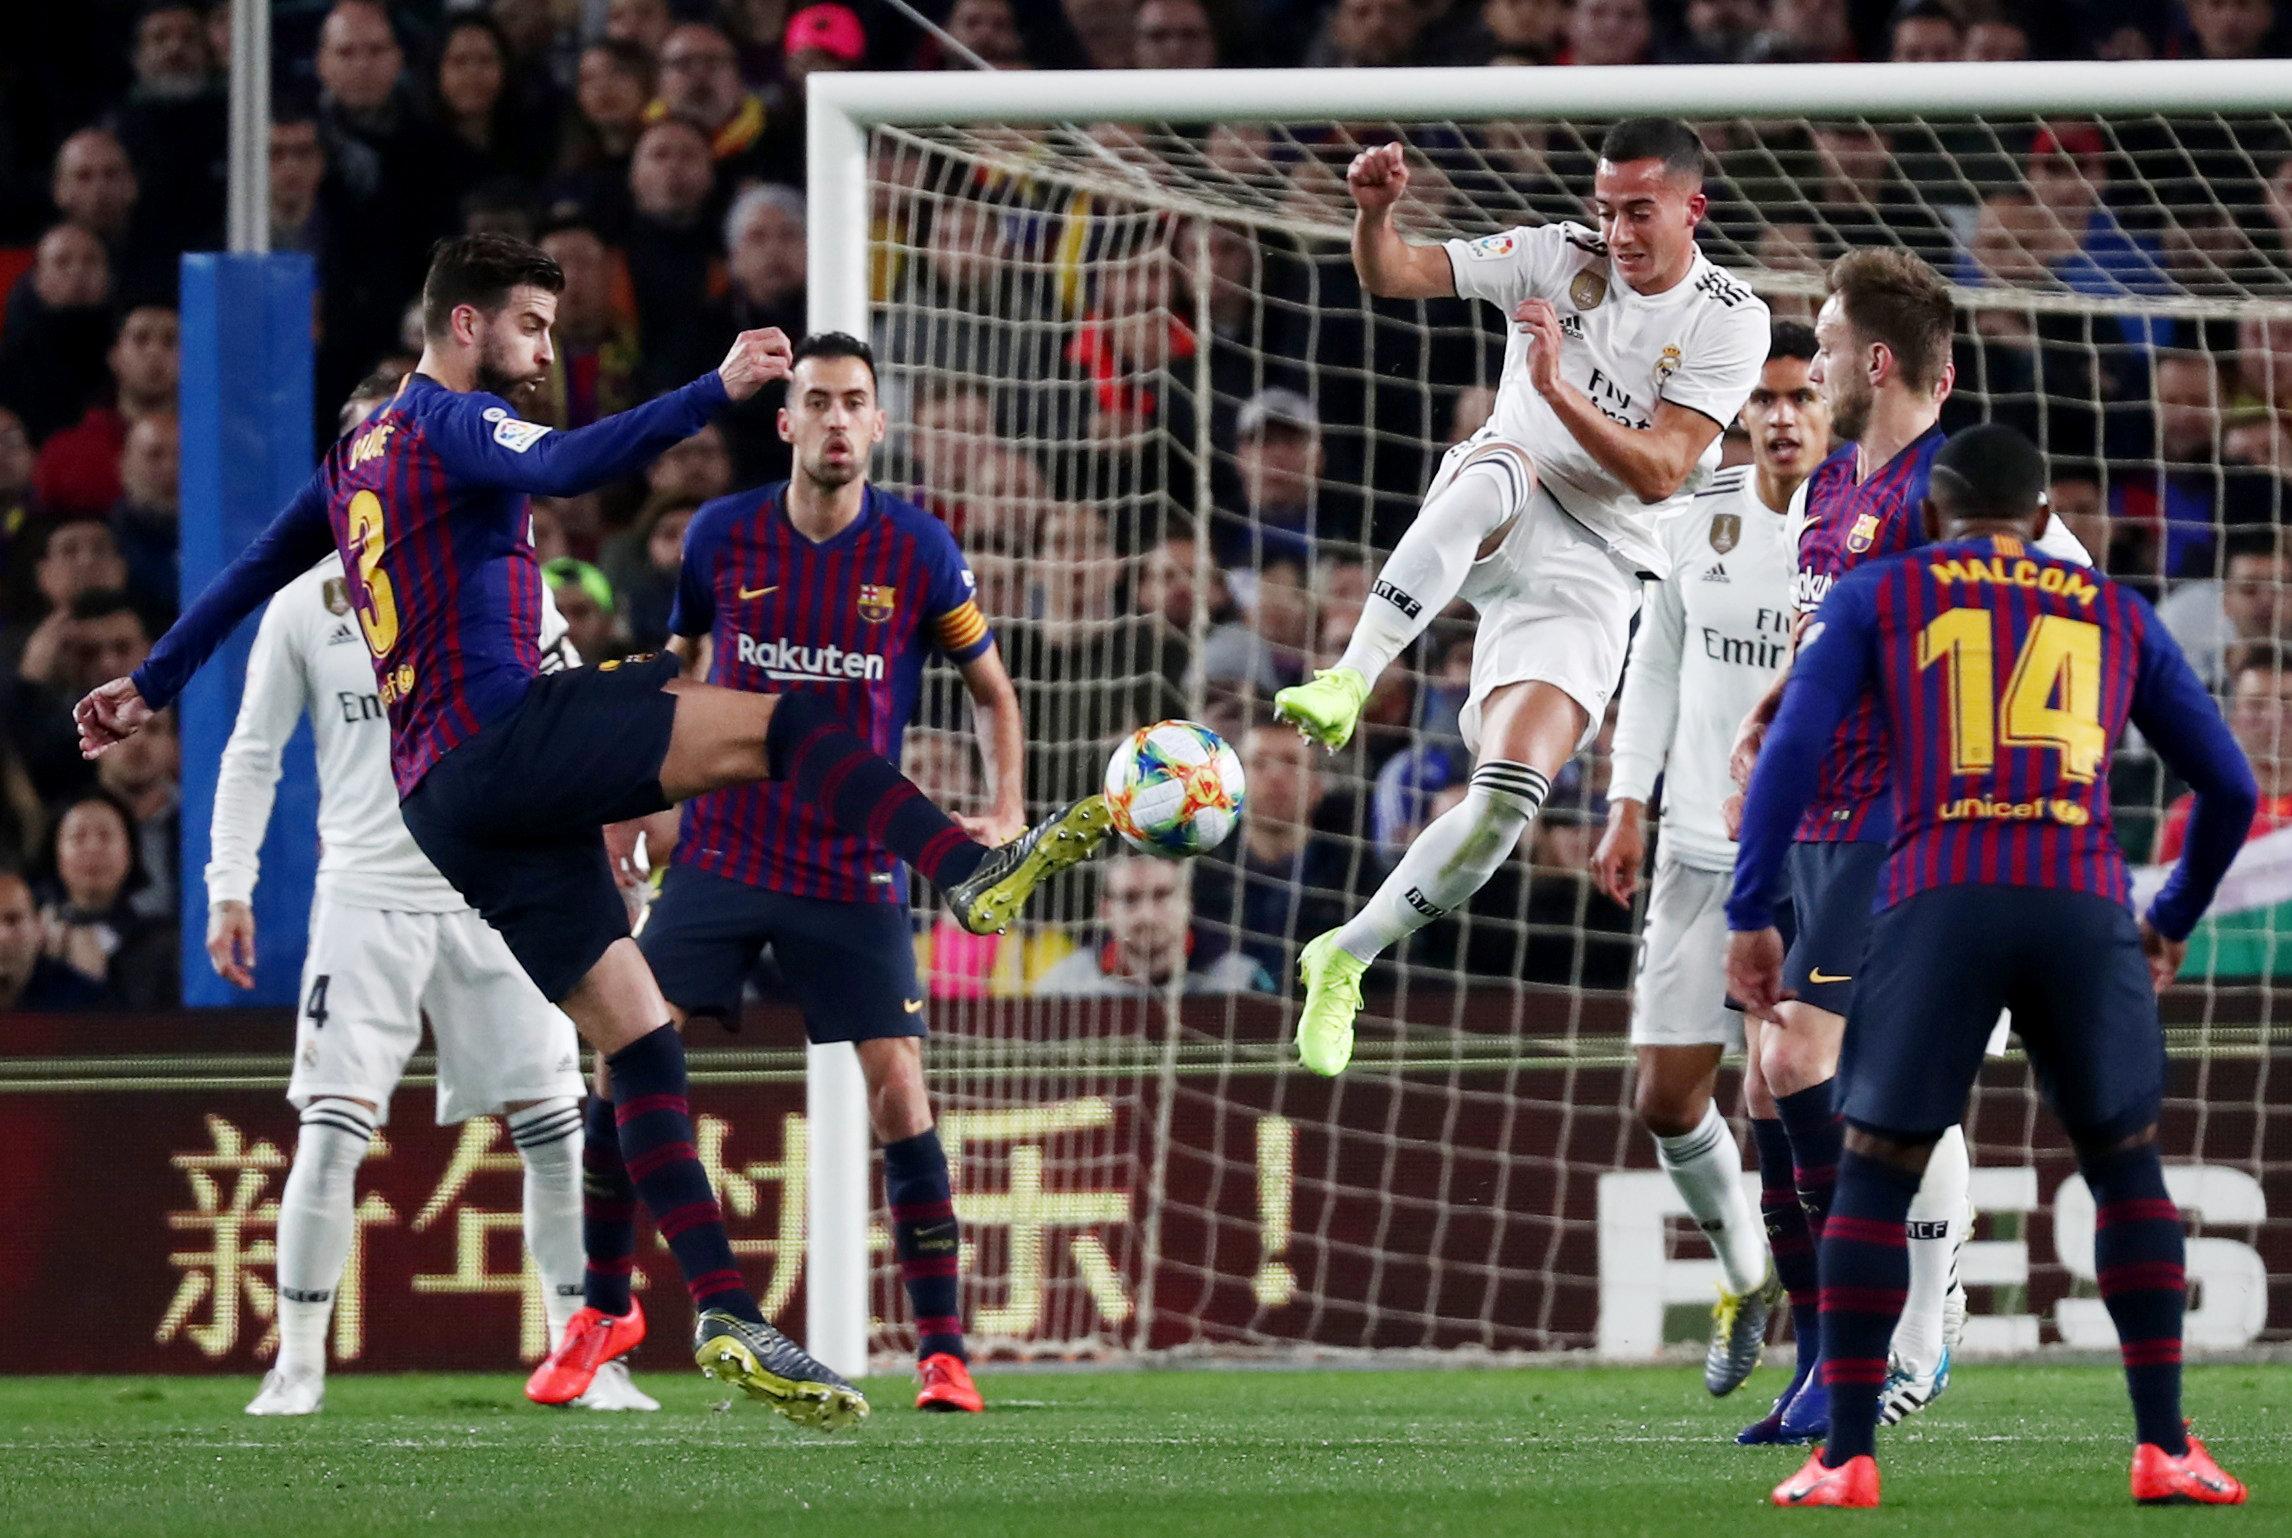 صراع بيكيه وفاسكيز على الكرة تحت أنظار اللاعبين